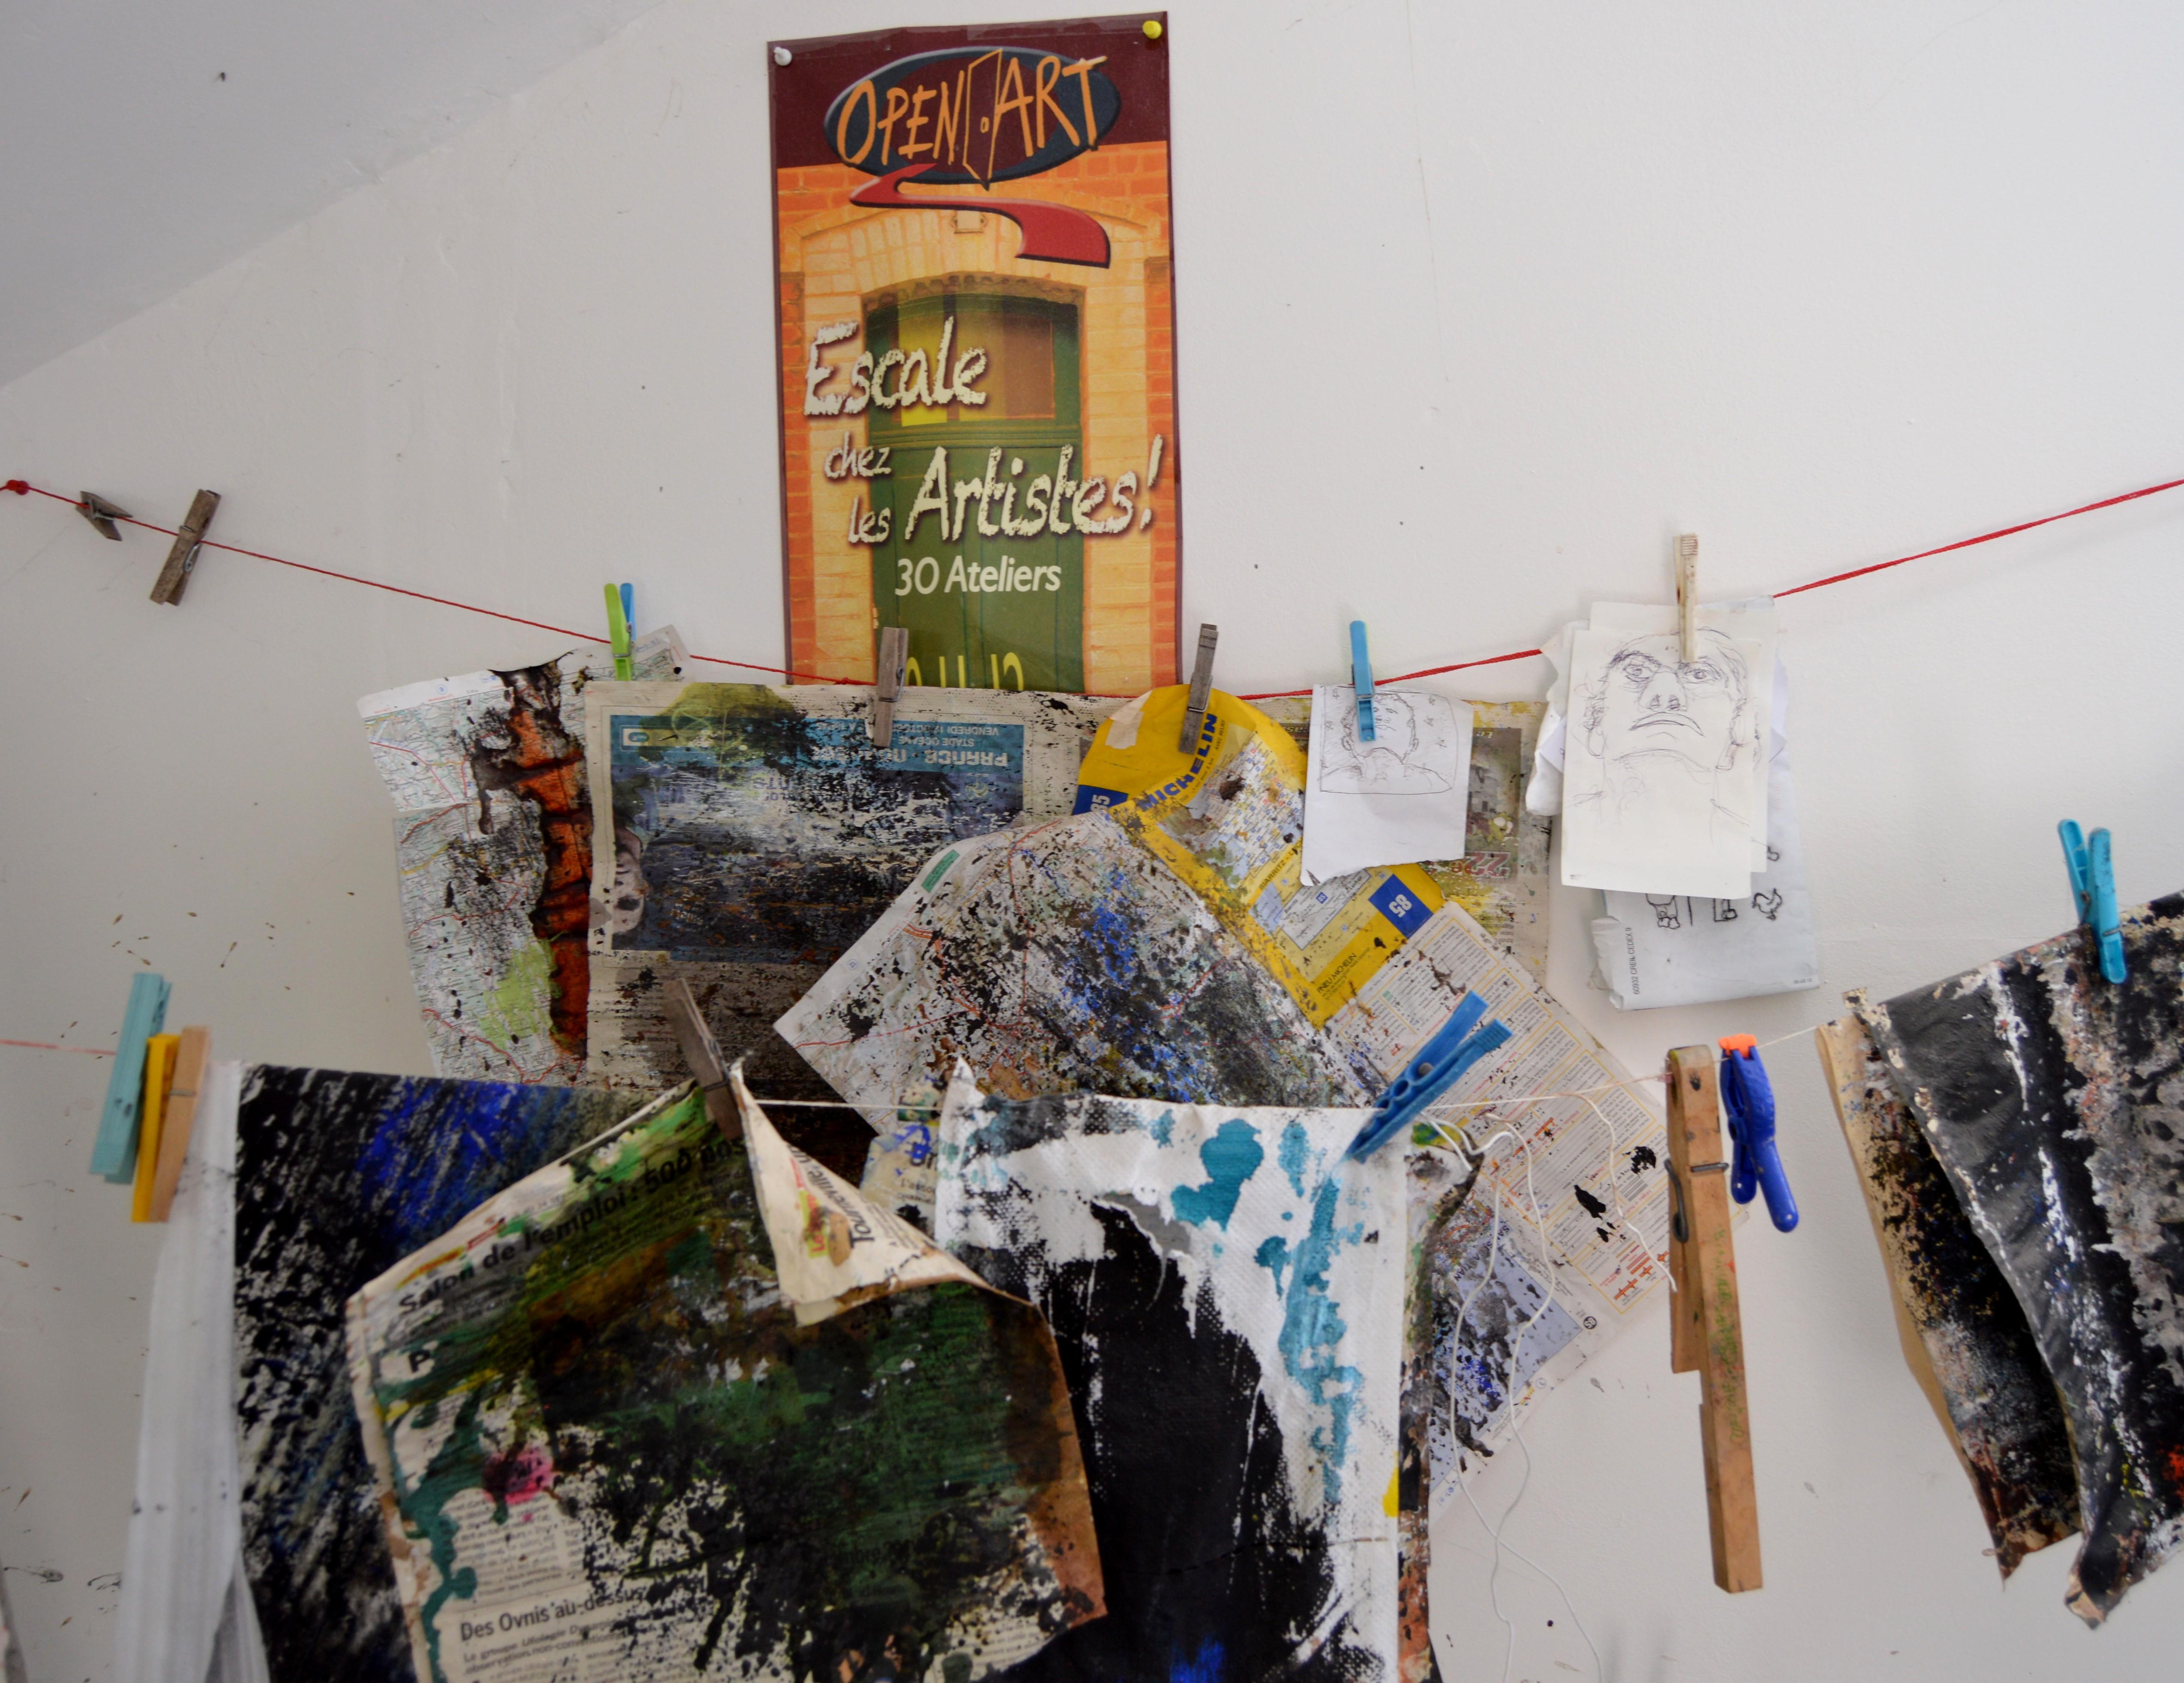 Escale chez les artistes